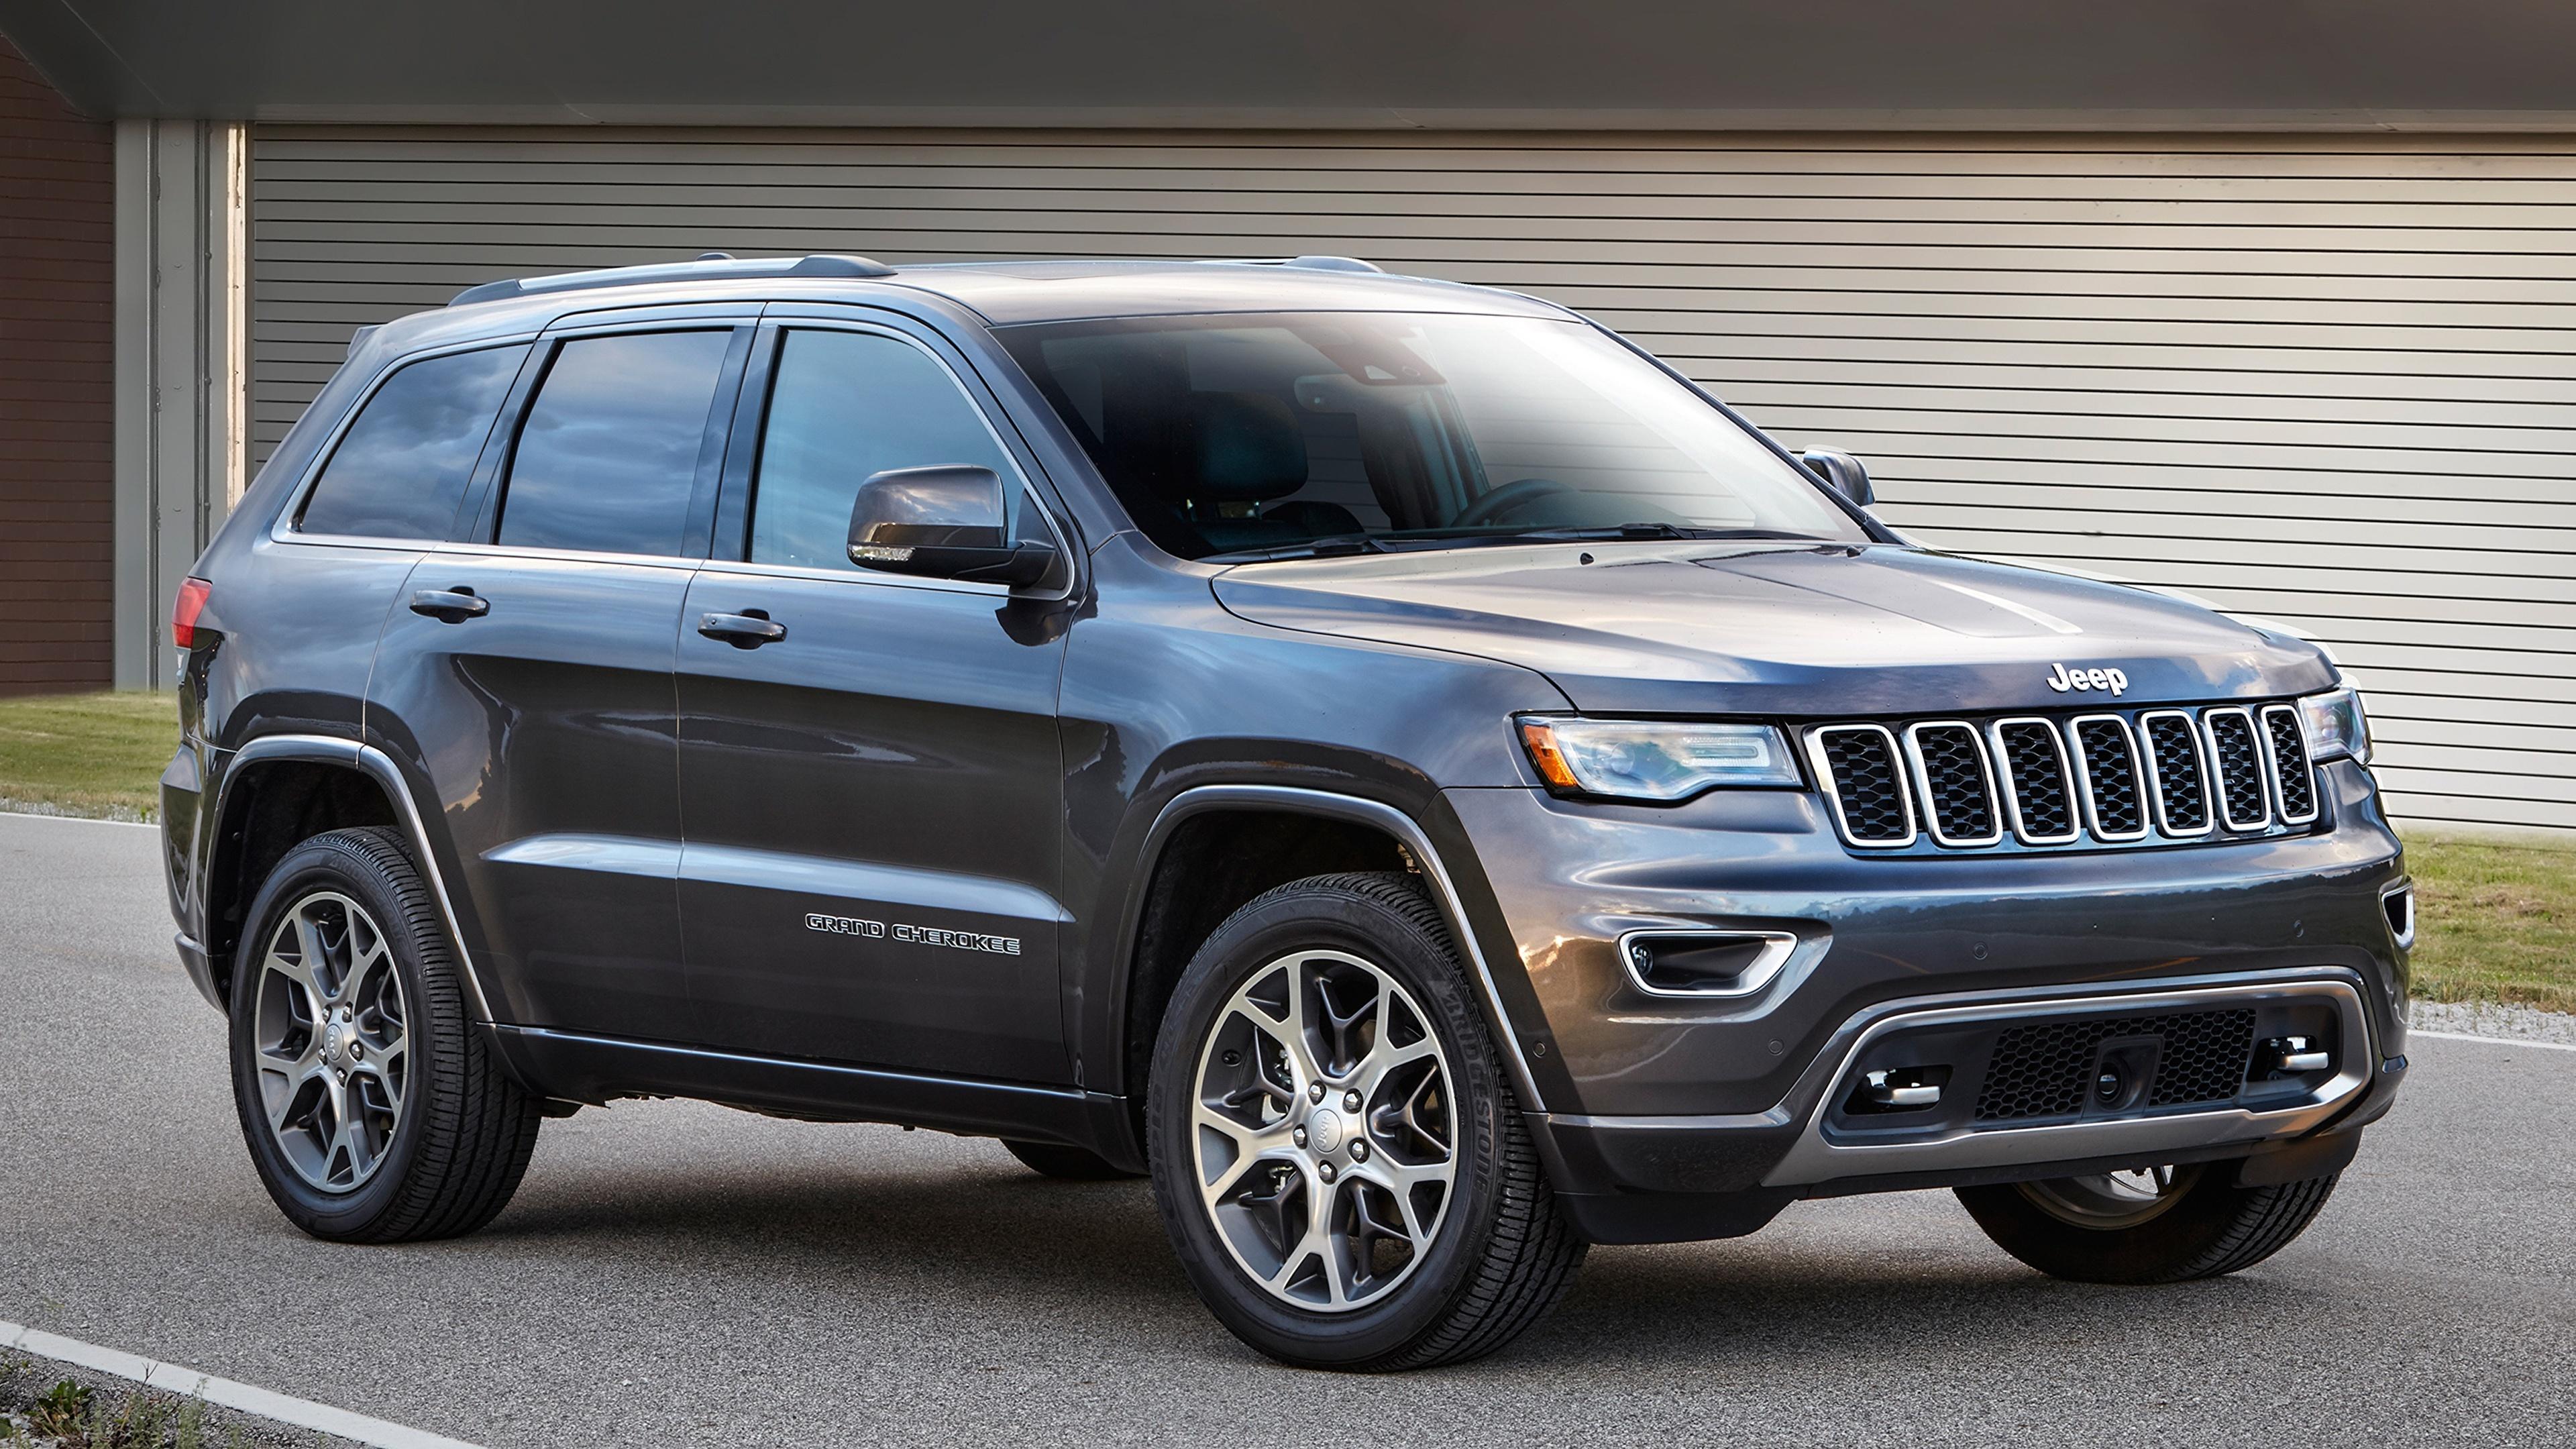 Фотографии Джип Внедорожник Grand Cherokee, Sterling Edition, 2017 Серый машины 3840x2160 Jeep SUV серая серые авто машина Автомобили автомобиль